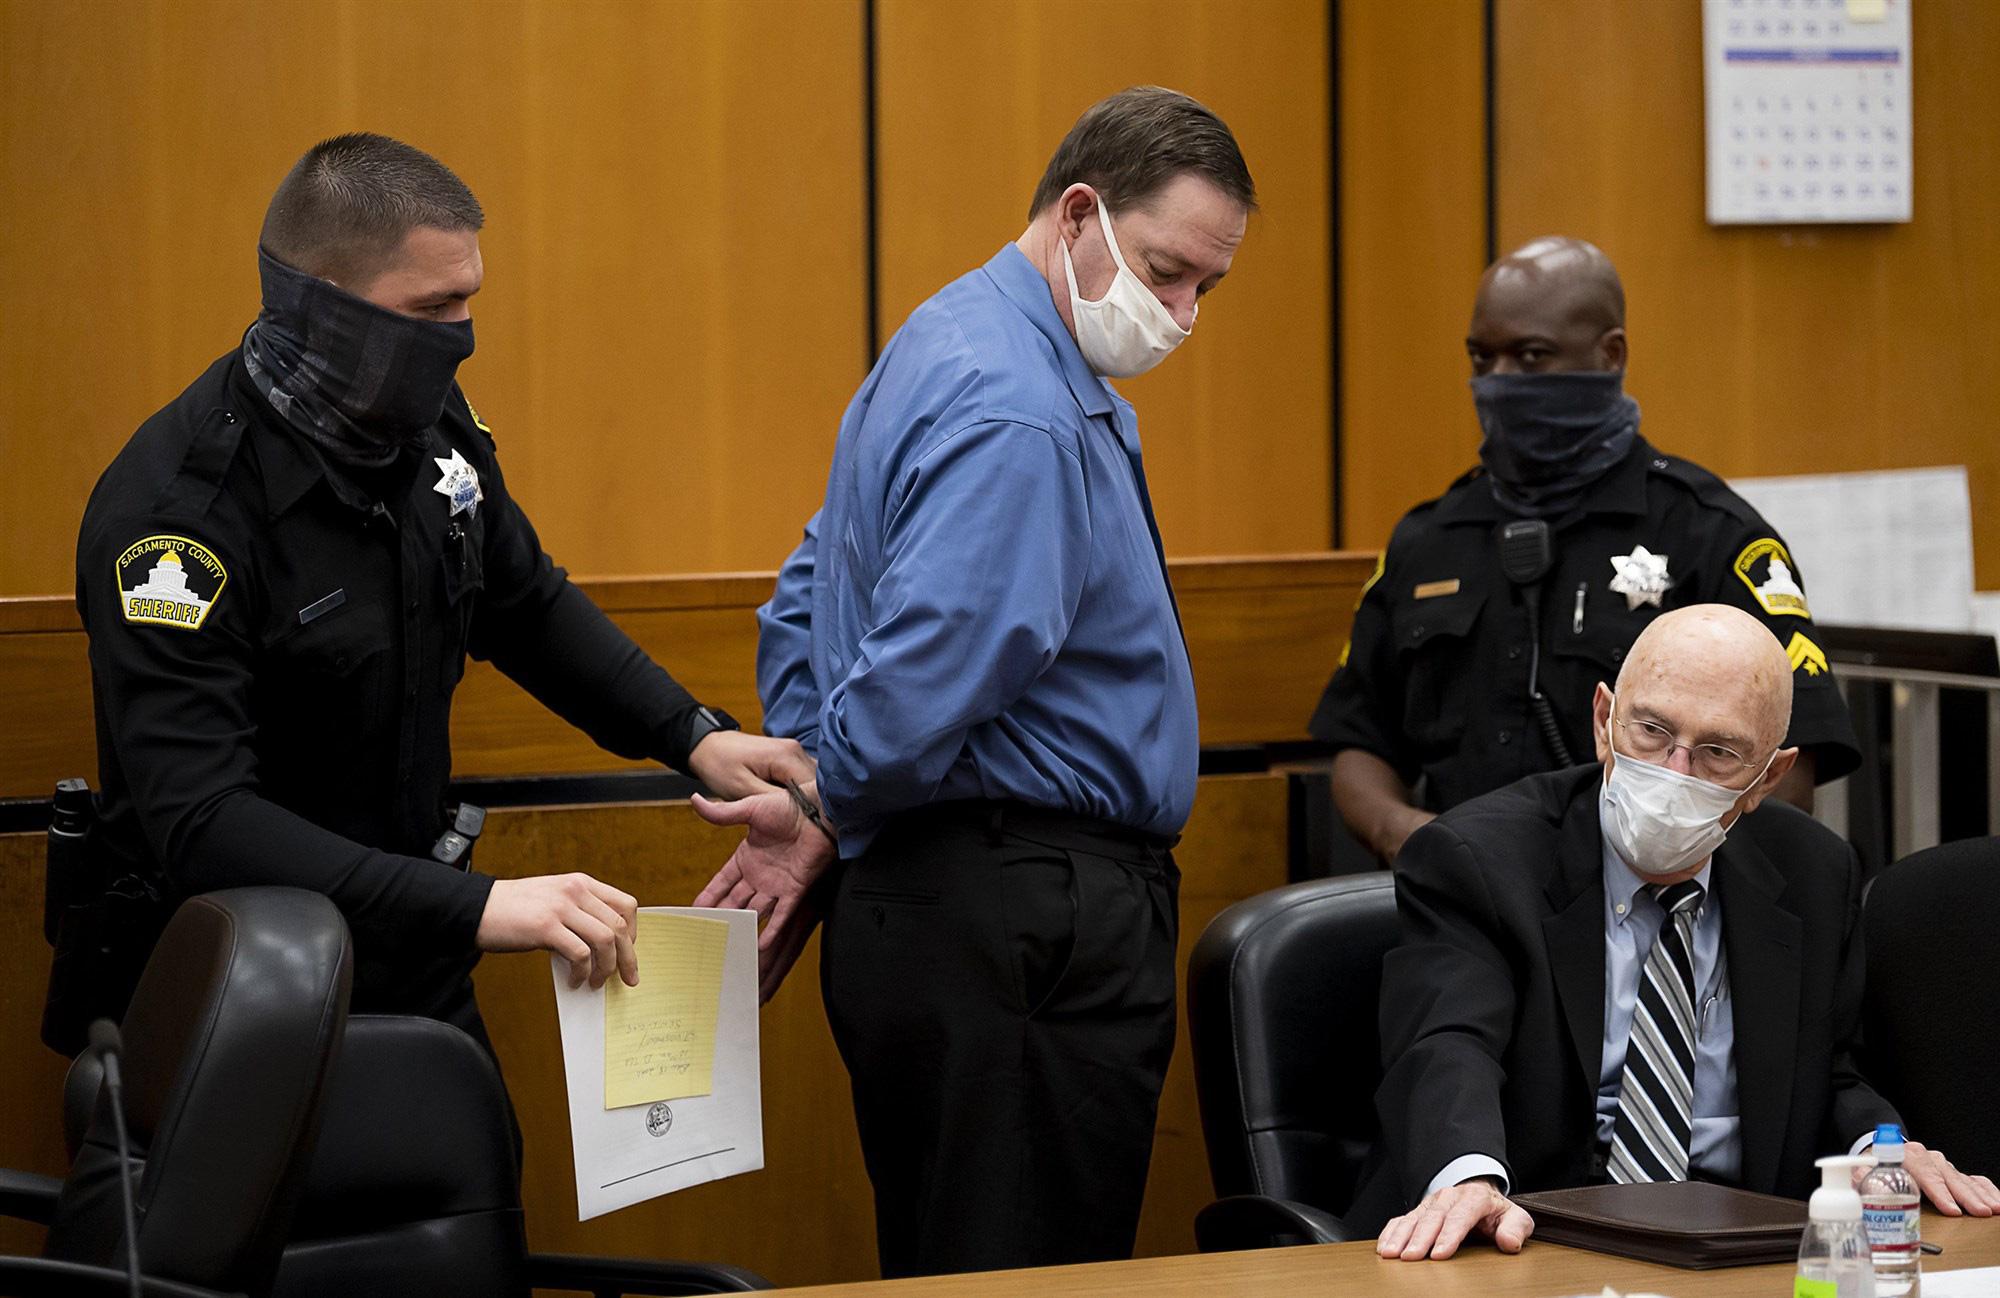 Kẻ cưỡng hiếp hàng loạt ở Mỹ lãnh 897 năm tù - Ảnh 1.